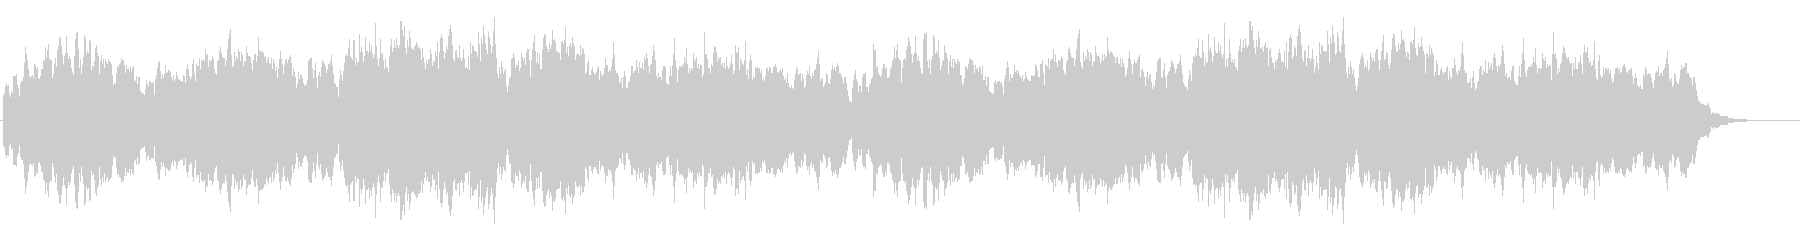 カッコウの森の未再生の波形